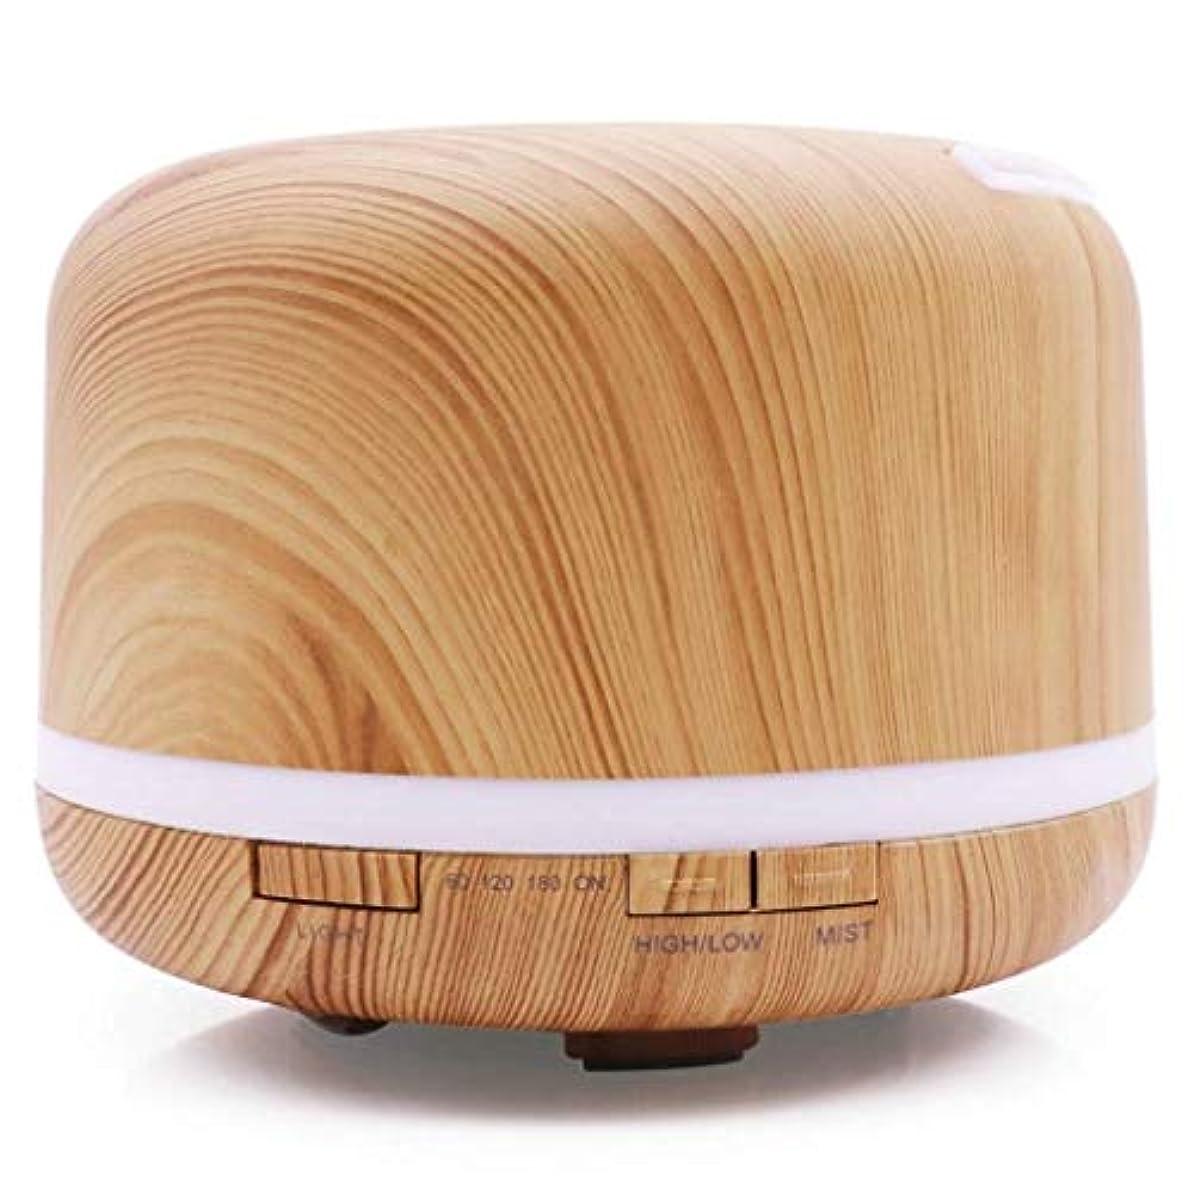 故障中かかわらず水平アロマテラピーディフューザー、調整可能なミスト付き500ml超音波エッセンシャルオイルディフューザー、自動シャットオフギフト付き女性用加湿器ディフューザー (Color : Wood Grain)